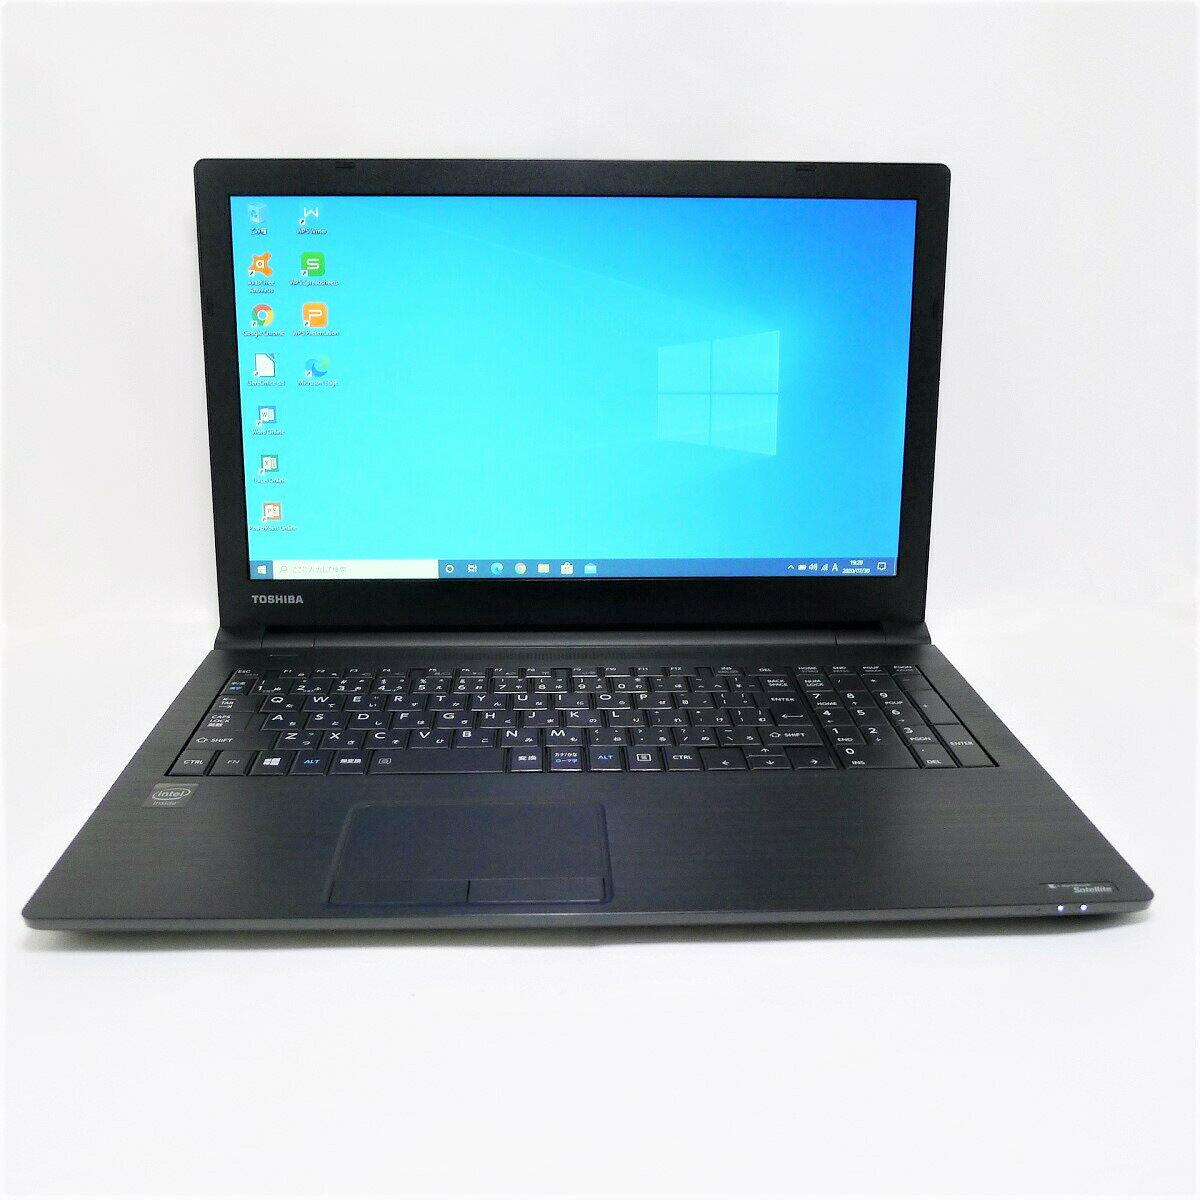 パソコン, ノートPC TOSHIBA dynabook Satellite B35 Celeron 16GB HDD250GB LAN Windows10 64bitWPSOffice 15.6